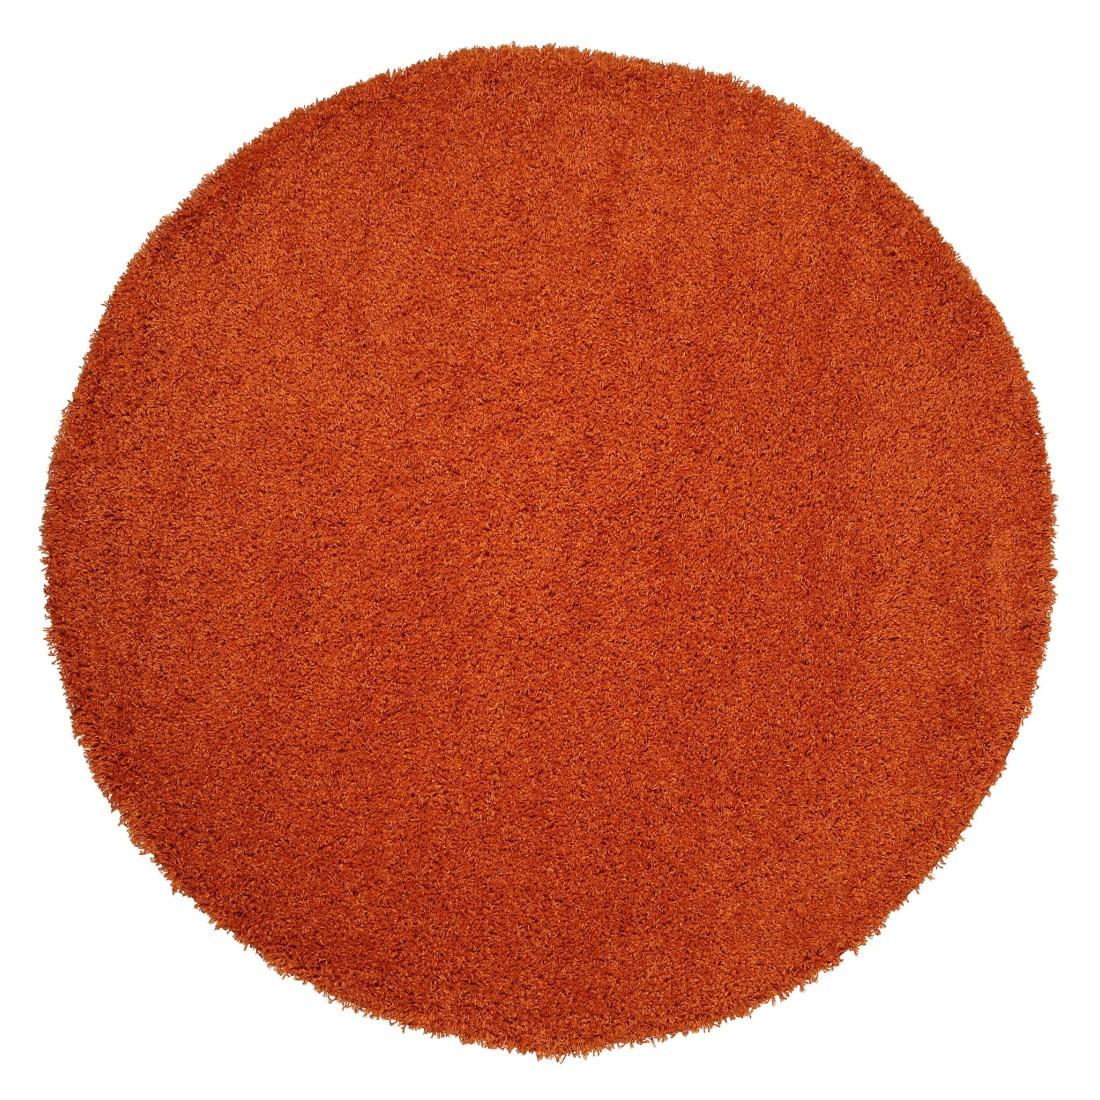 Hochflor Teppich Cambria – Polypropylen – Orange – ø 80 cm rund, benuta online kaufen